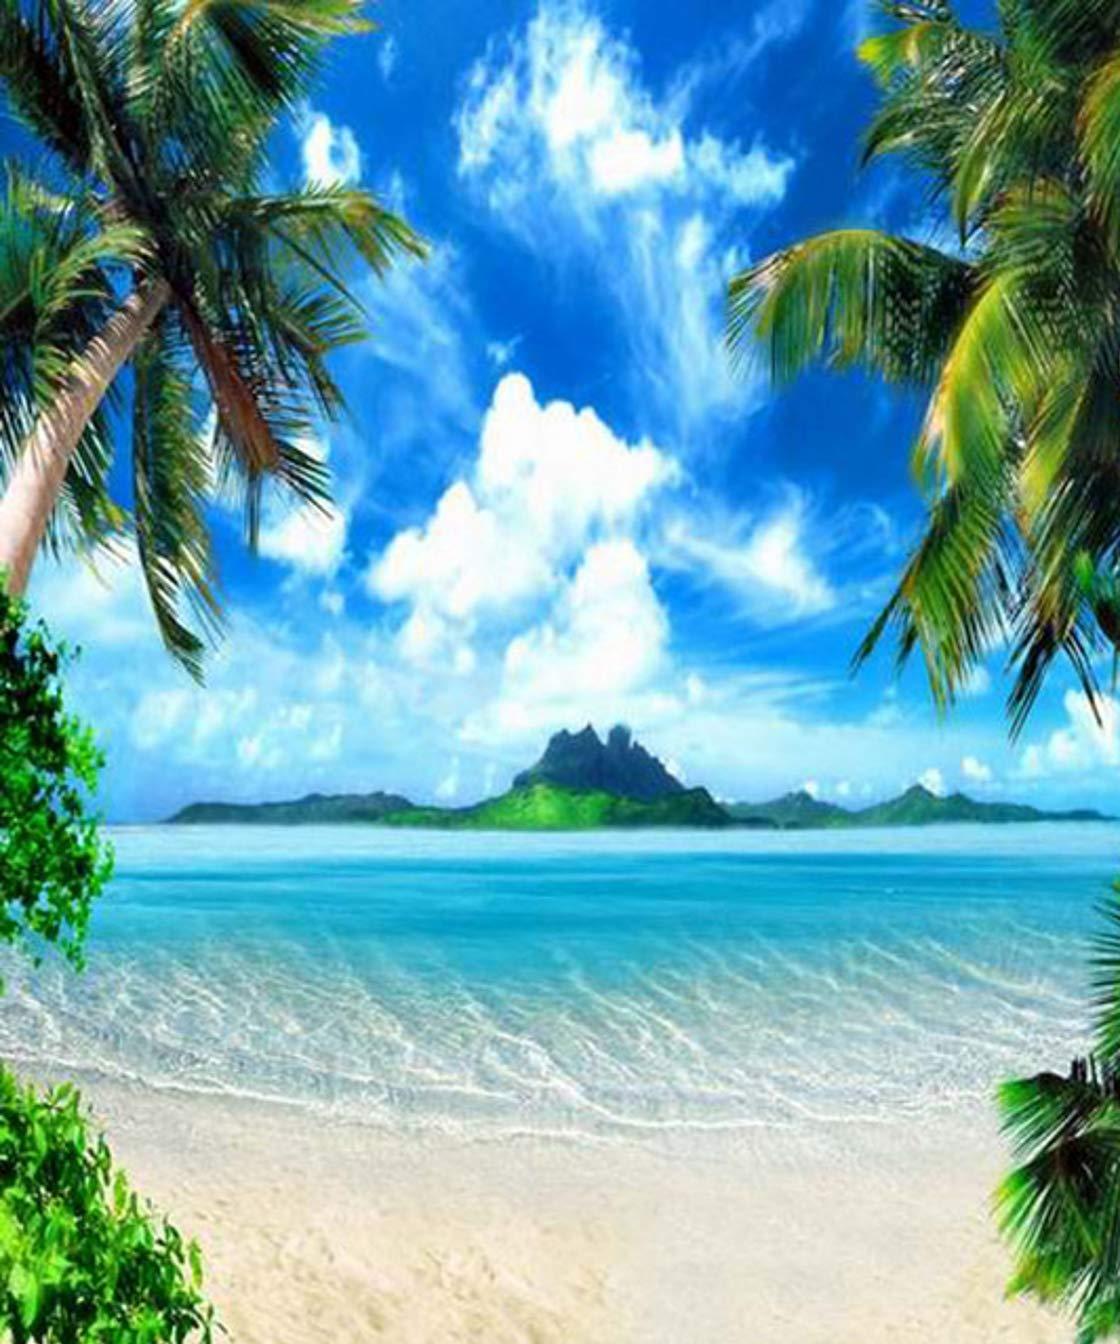 Gardenia 8 x 10フィート トロピカルハワイビーチブルー 海の空のヤシの木 海のウェディングパーティー装飾 絵画クロス カスタマイズ写真背景 デジタルプリント 背景 写真スタジオ小道具   B07K4ZV1S1